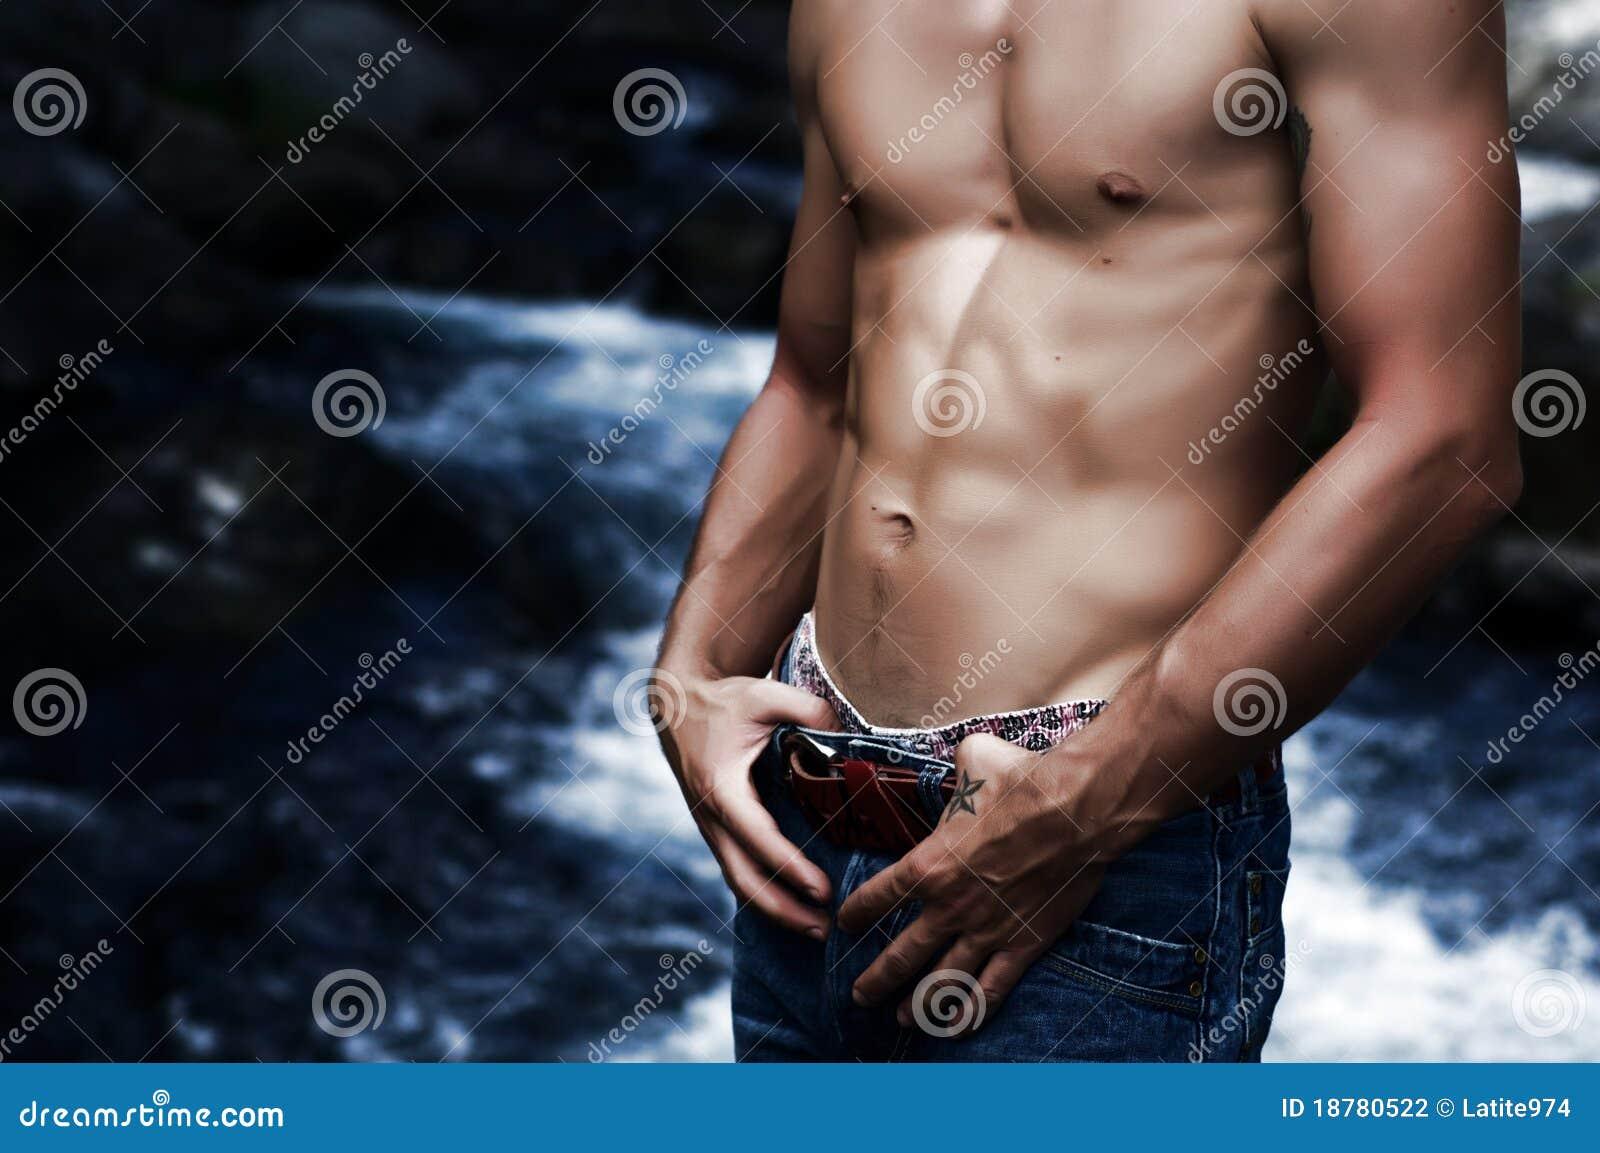 Seksowny mężczyzna żołądek